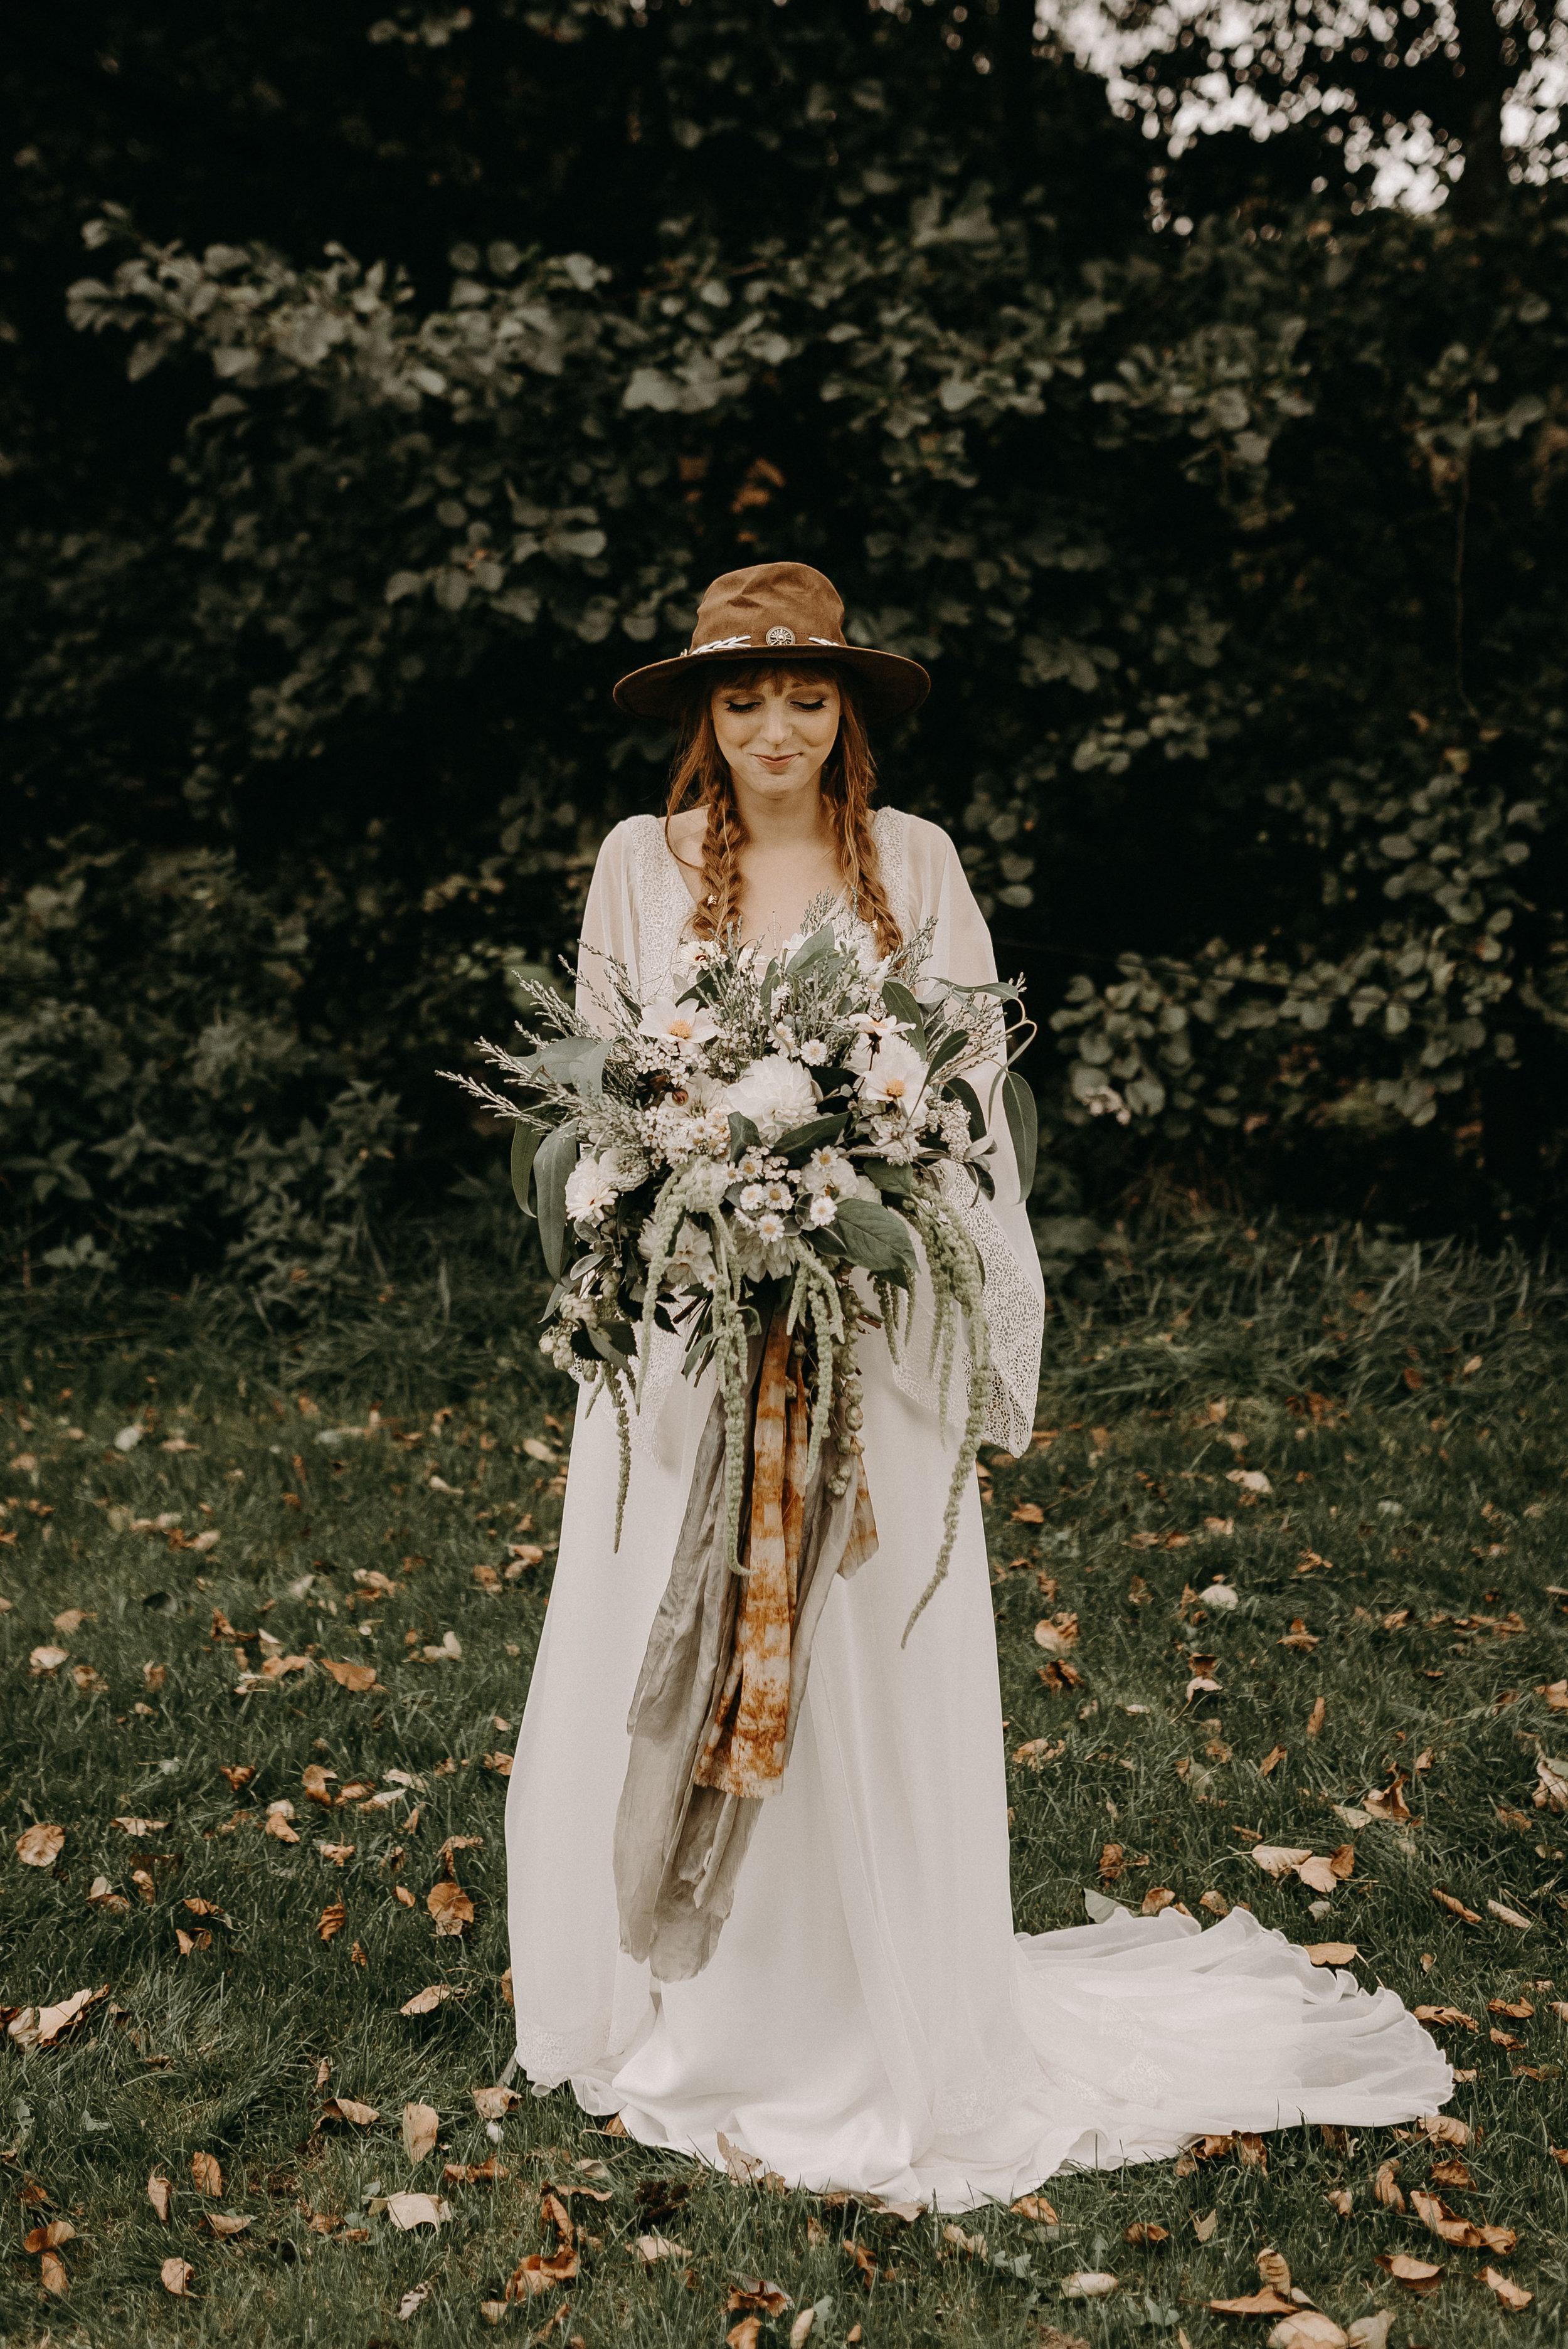 chalkney-water-meadows-styled-shoot-101.jpg